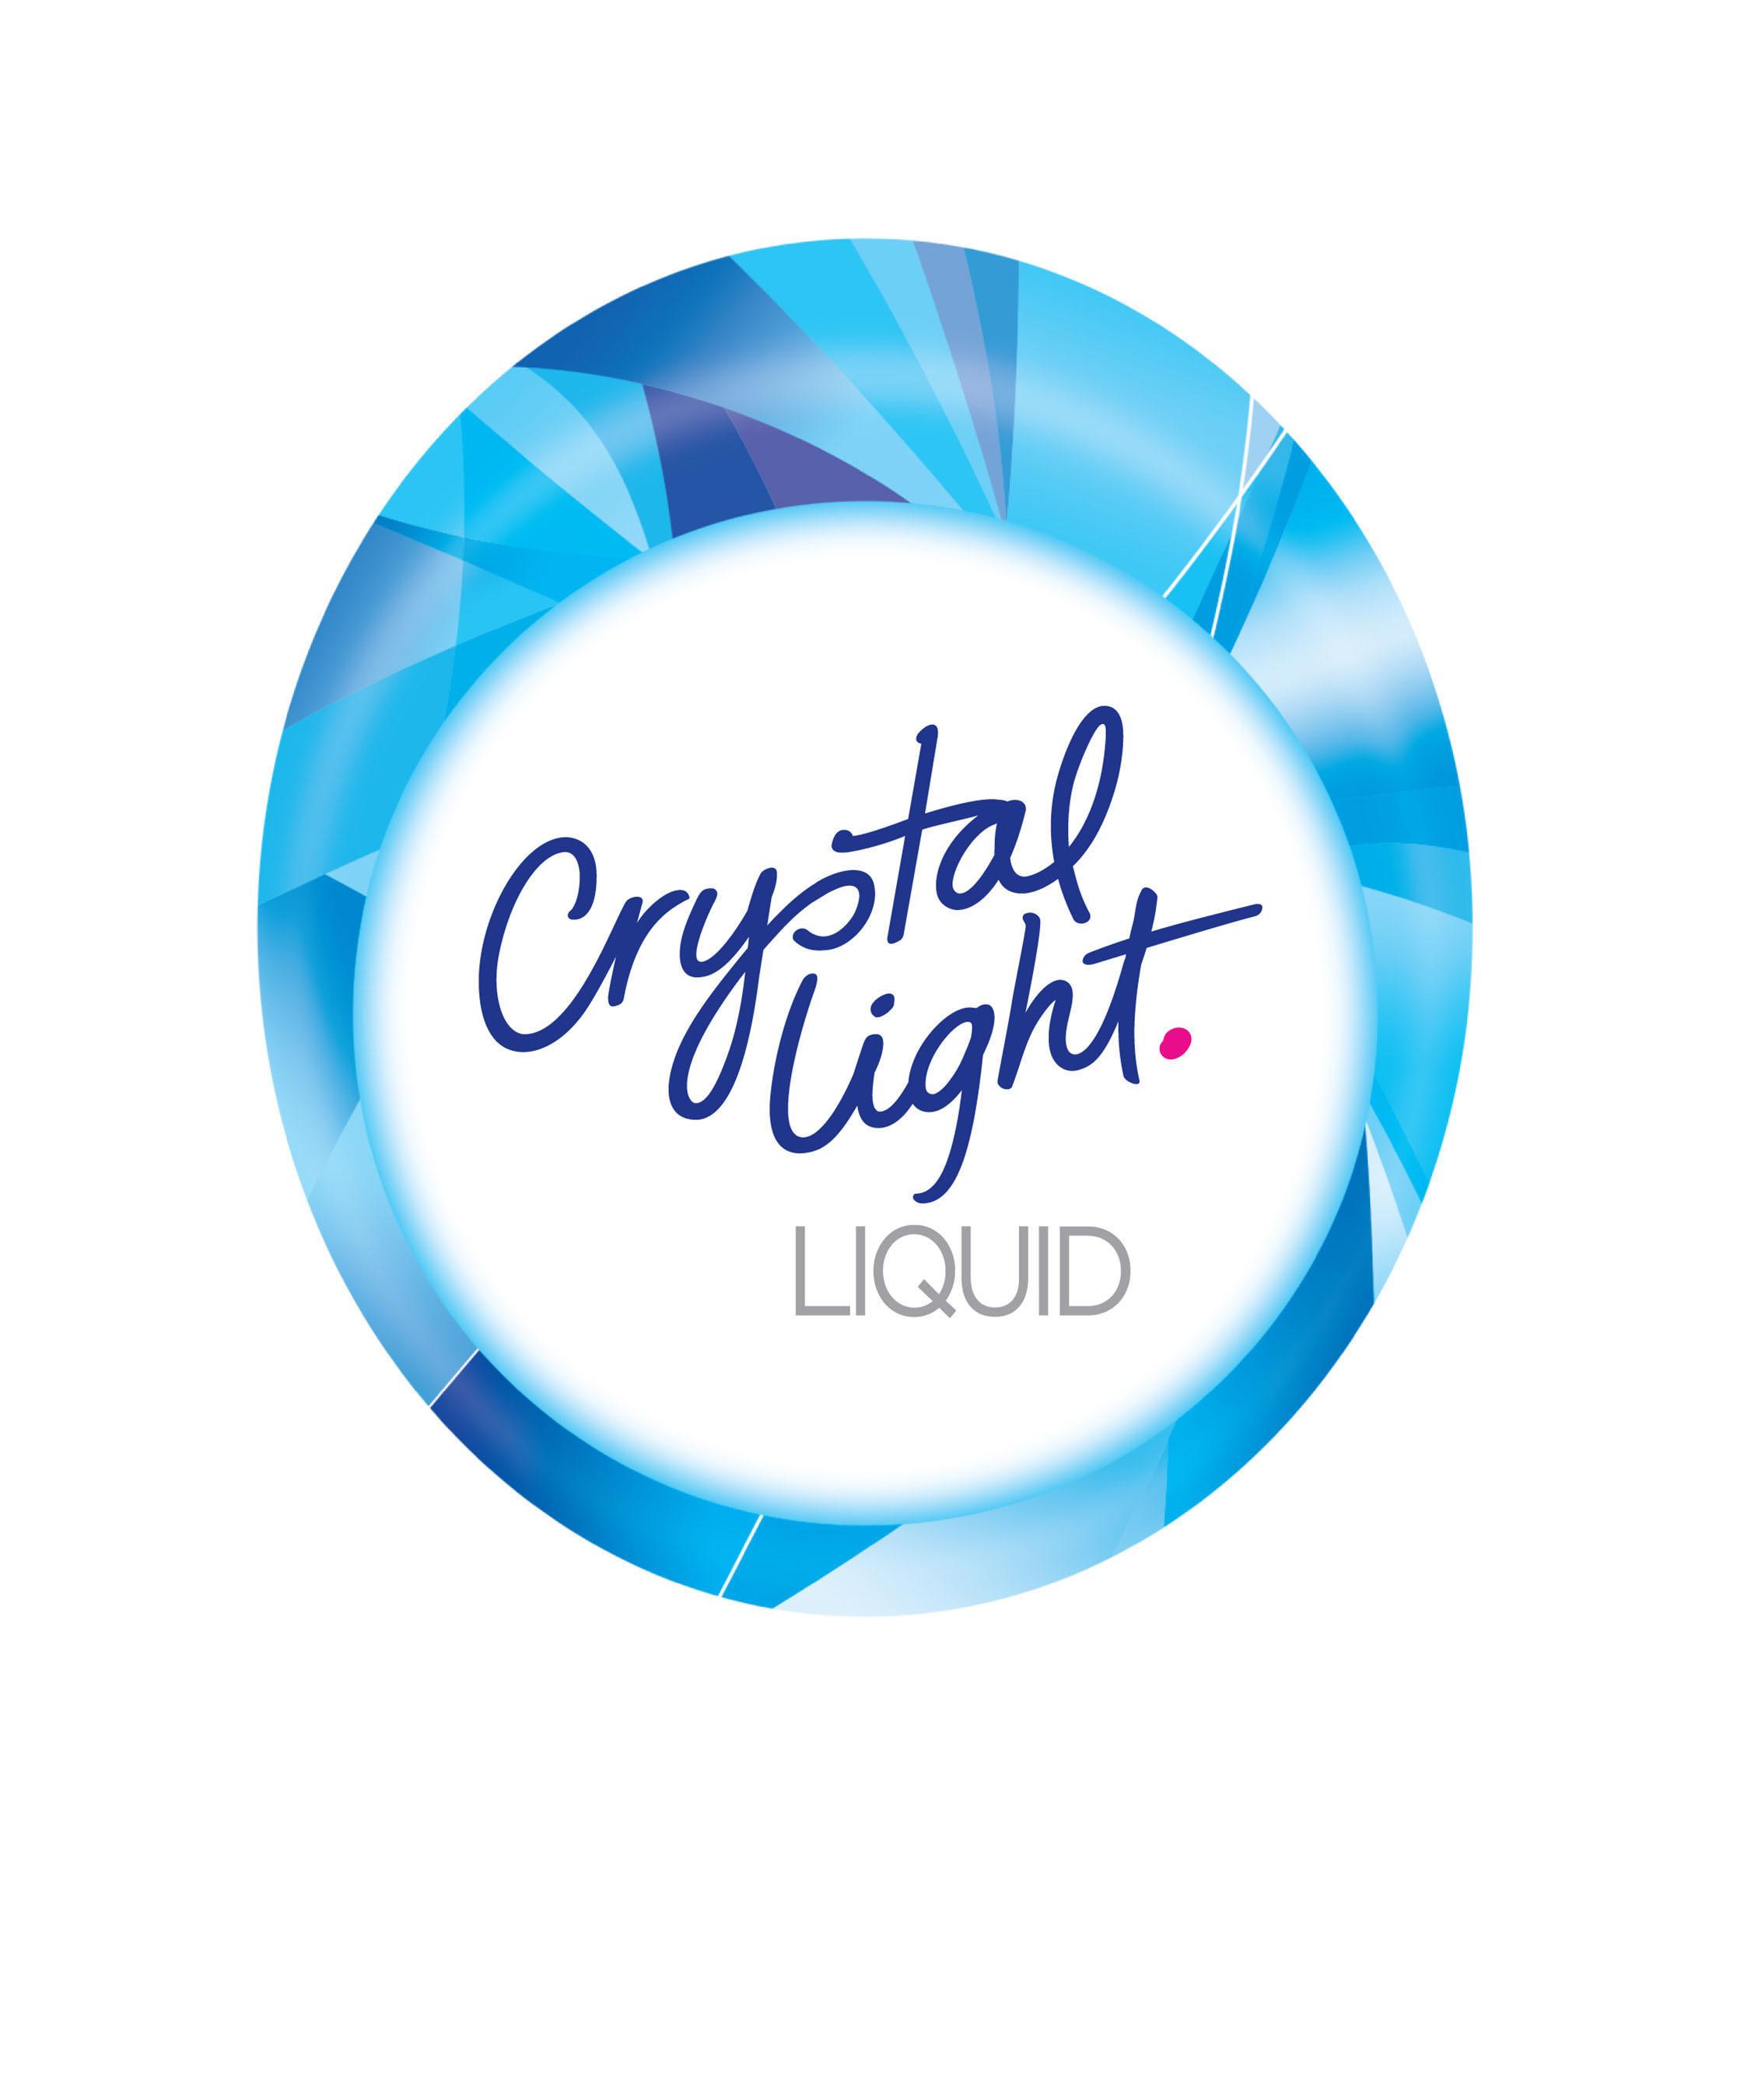 Crystal Light Liquid logo. (PRNewsFoto/Crystal Light) (PRNewsFoto/CRYSTAL LIGHT)